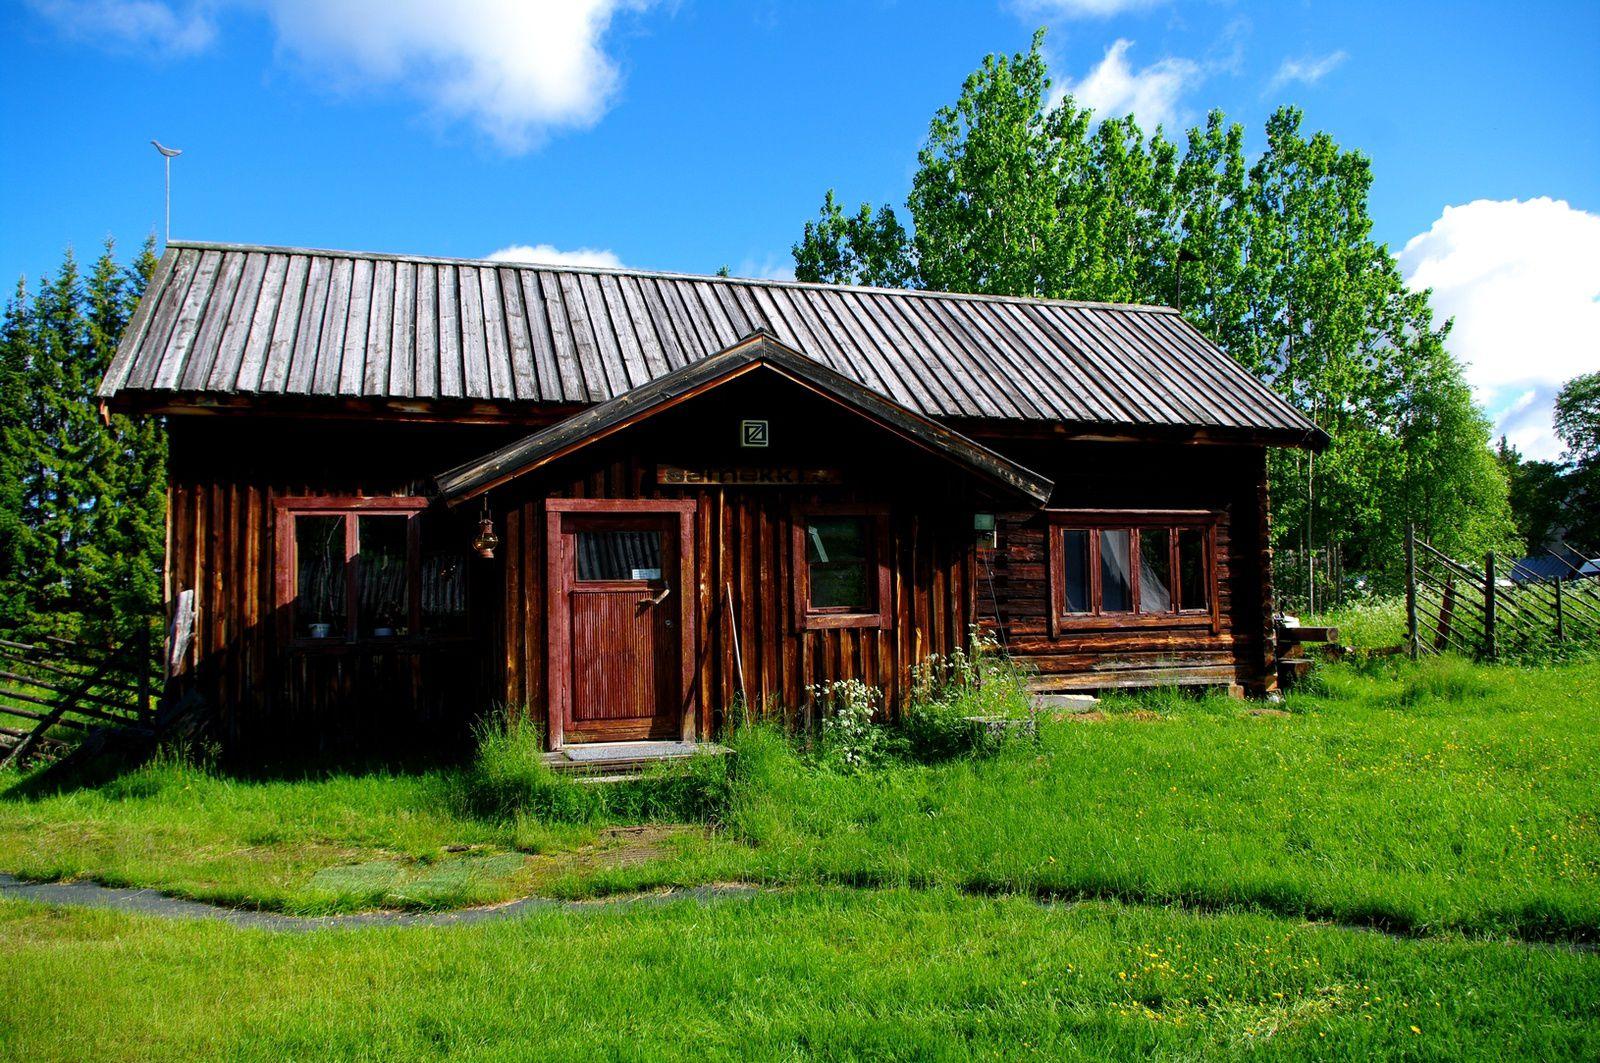 finlande: inari en laponie